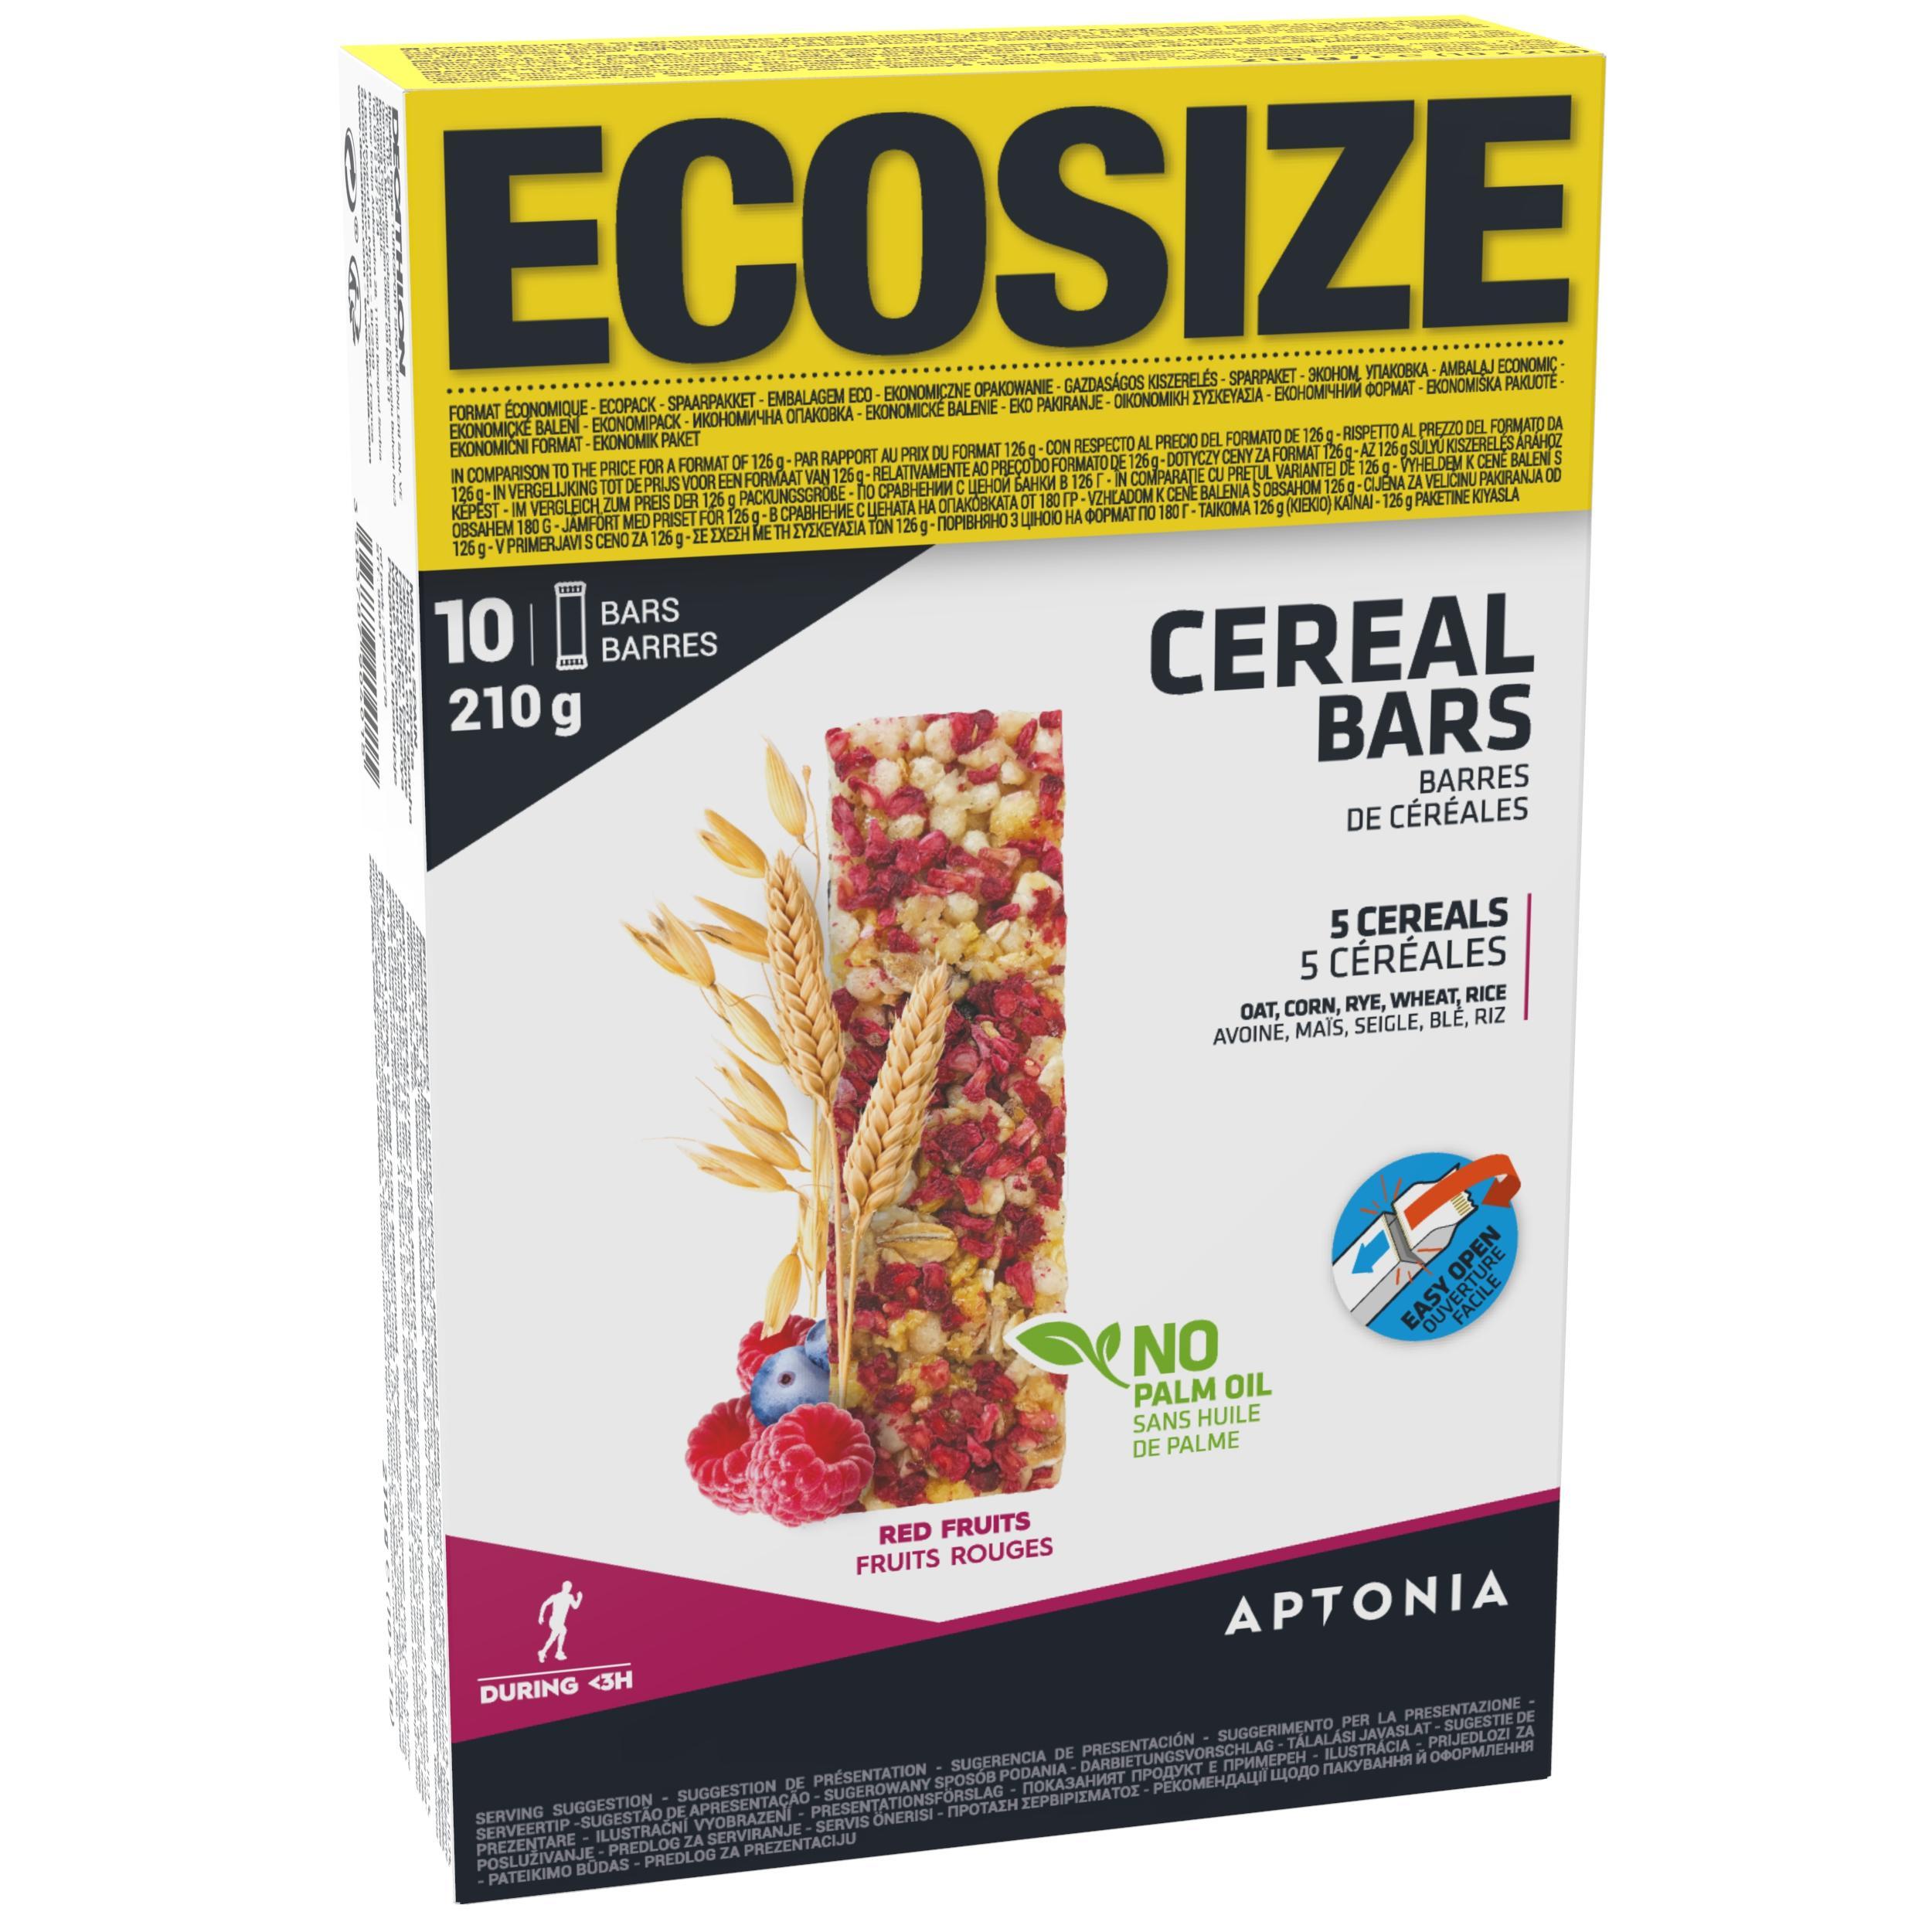 Barre de céréales clak aux pépites de fruits rouges ecosize 10 x 21g aptonia